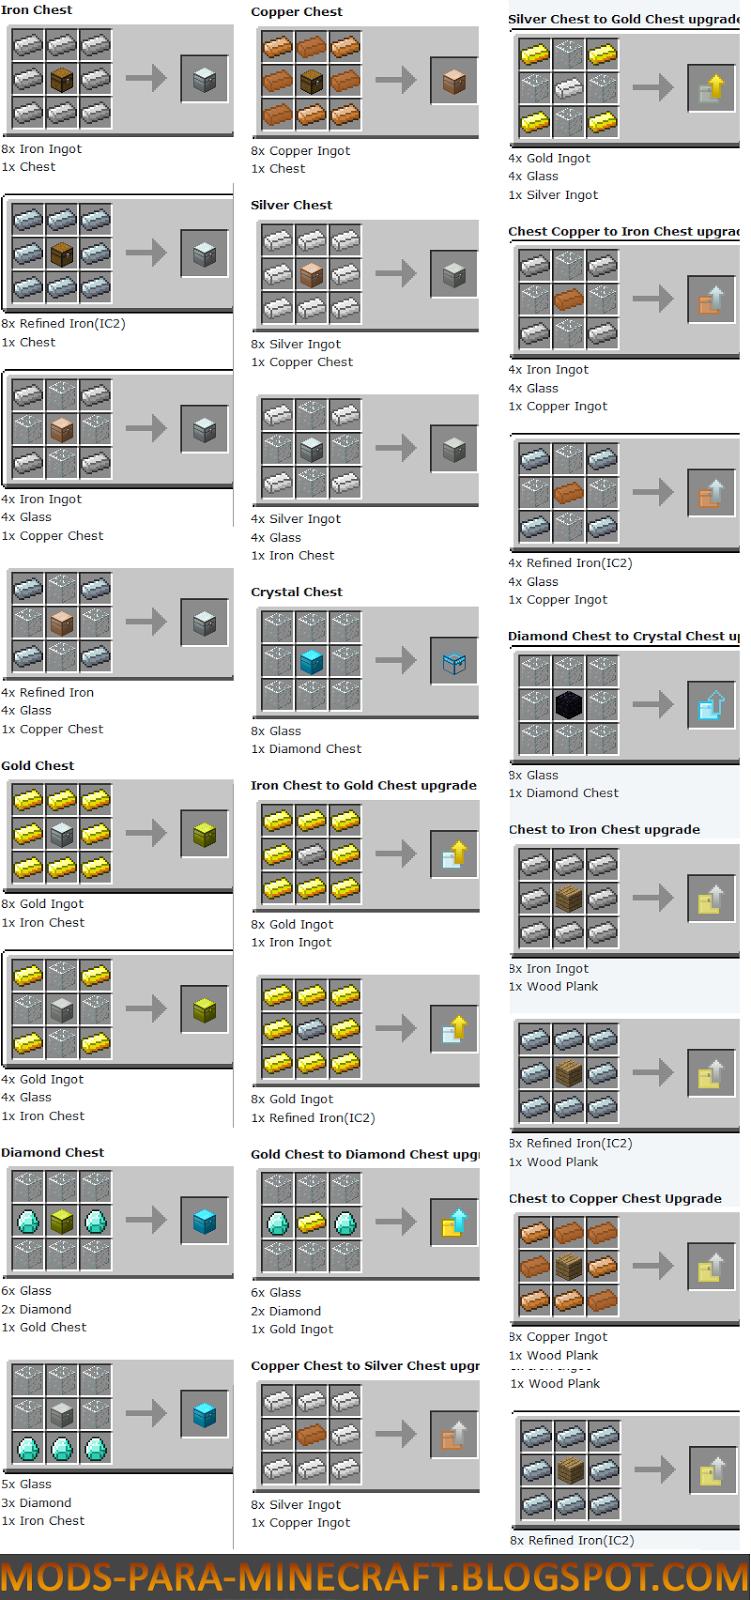 Скачать мод Iron Chests для Minecraft 1.7.10 бесплатно ...